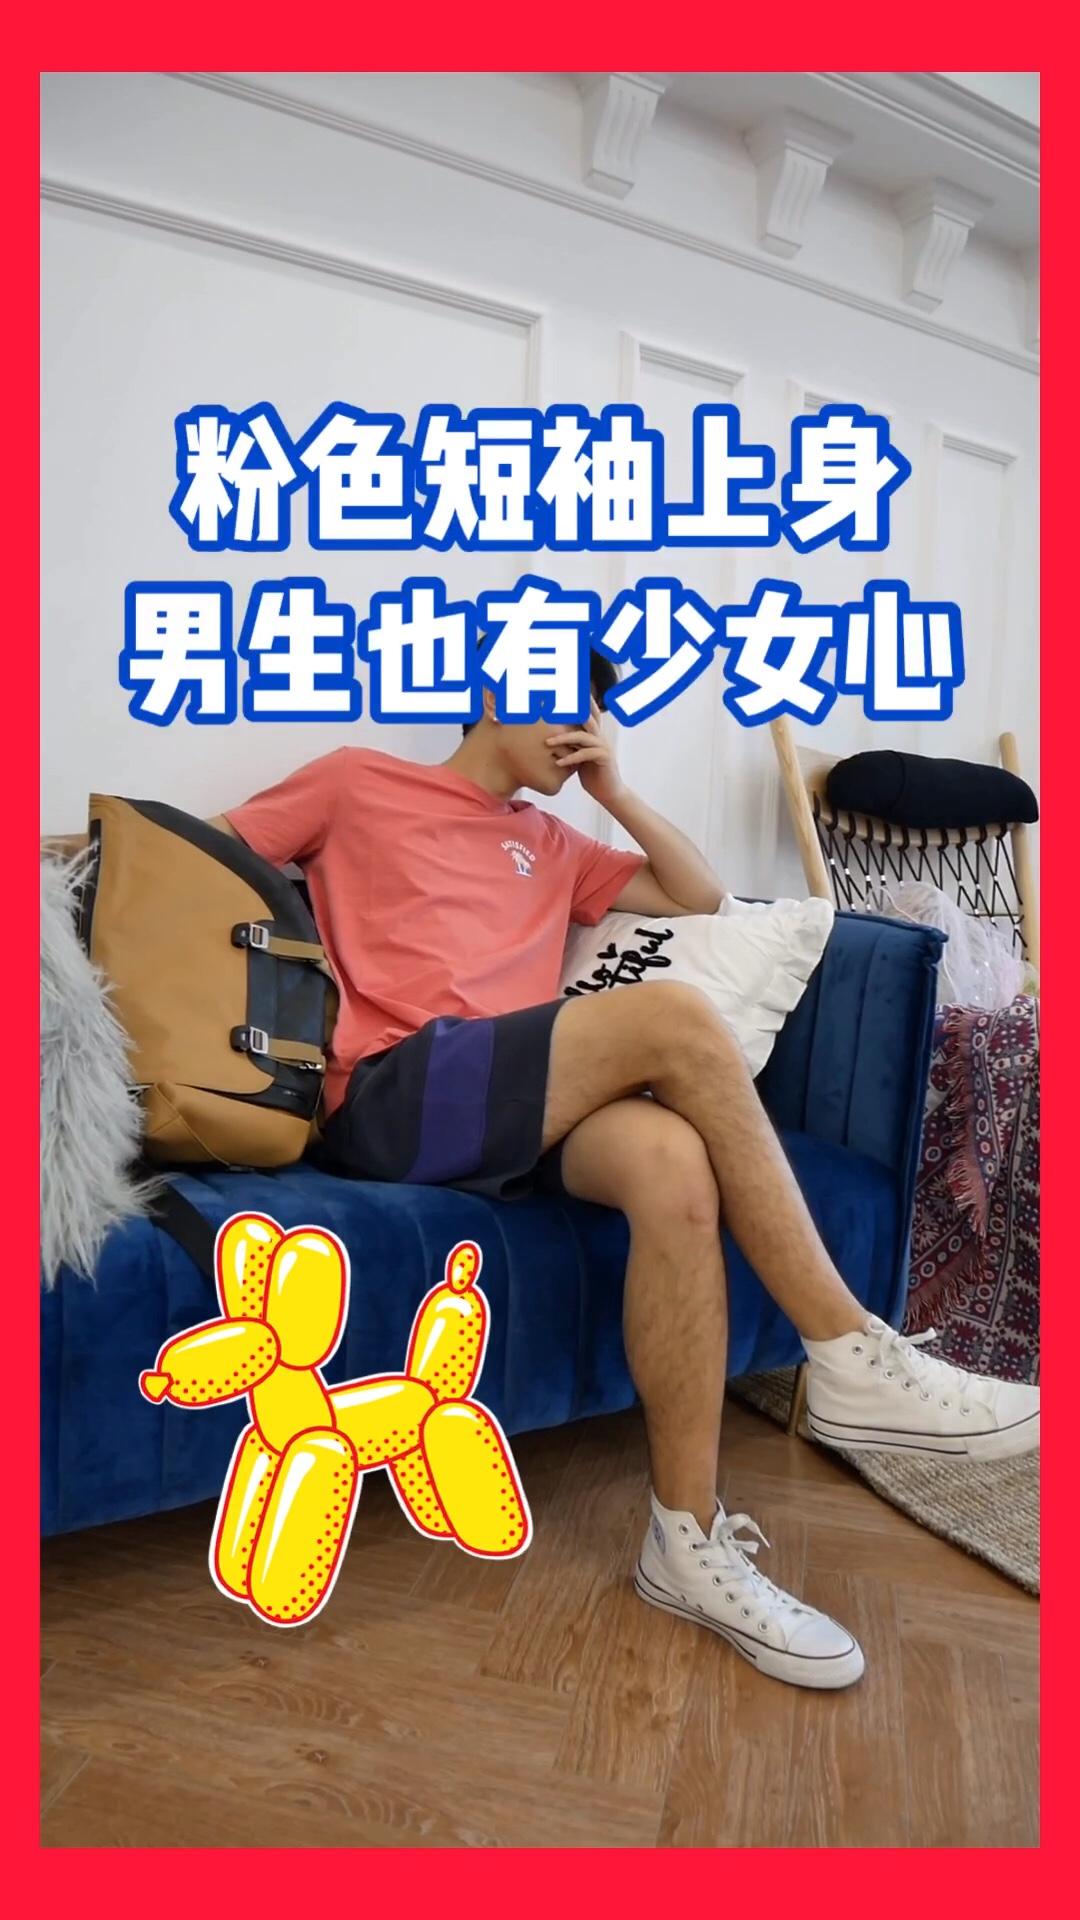 #一件抵百件!夏日最全T恤搭配!# 粉色短袖尝试一下? 真的很不错的 显年轻啊 嘿嘿嘿 搭配运动短裤清凉又休闲 搭配一款皮质的犯贱背包 满分不解释